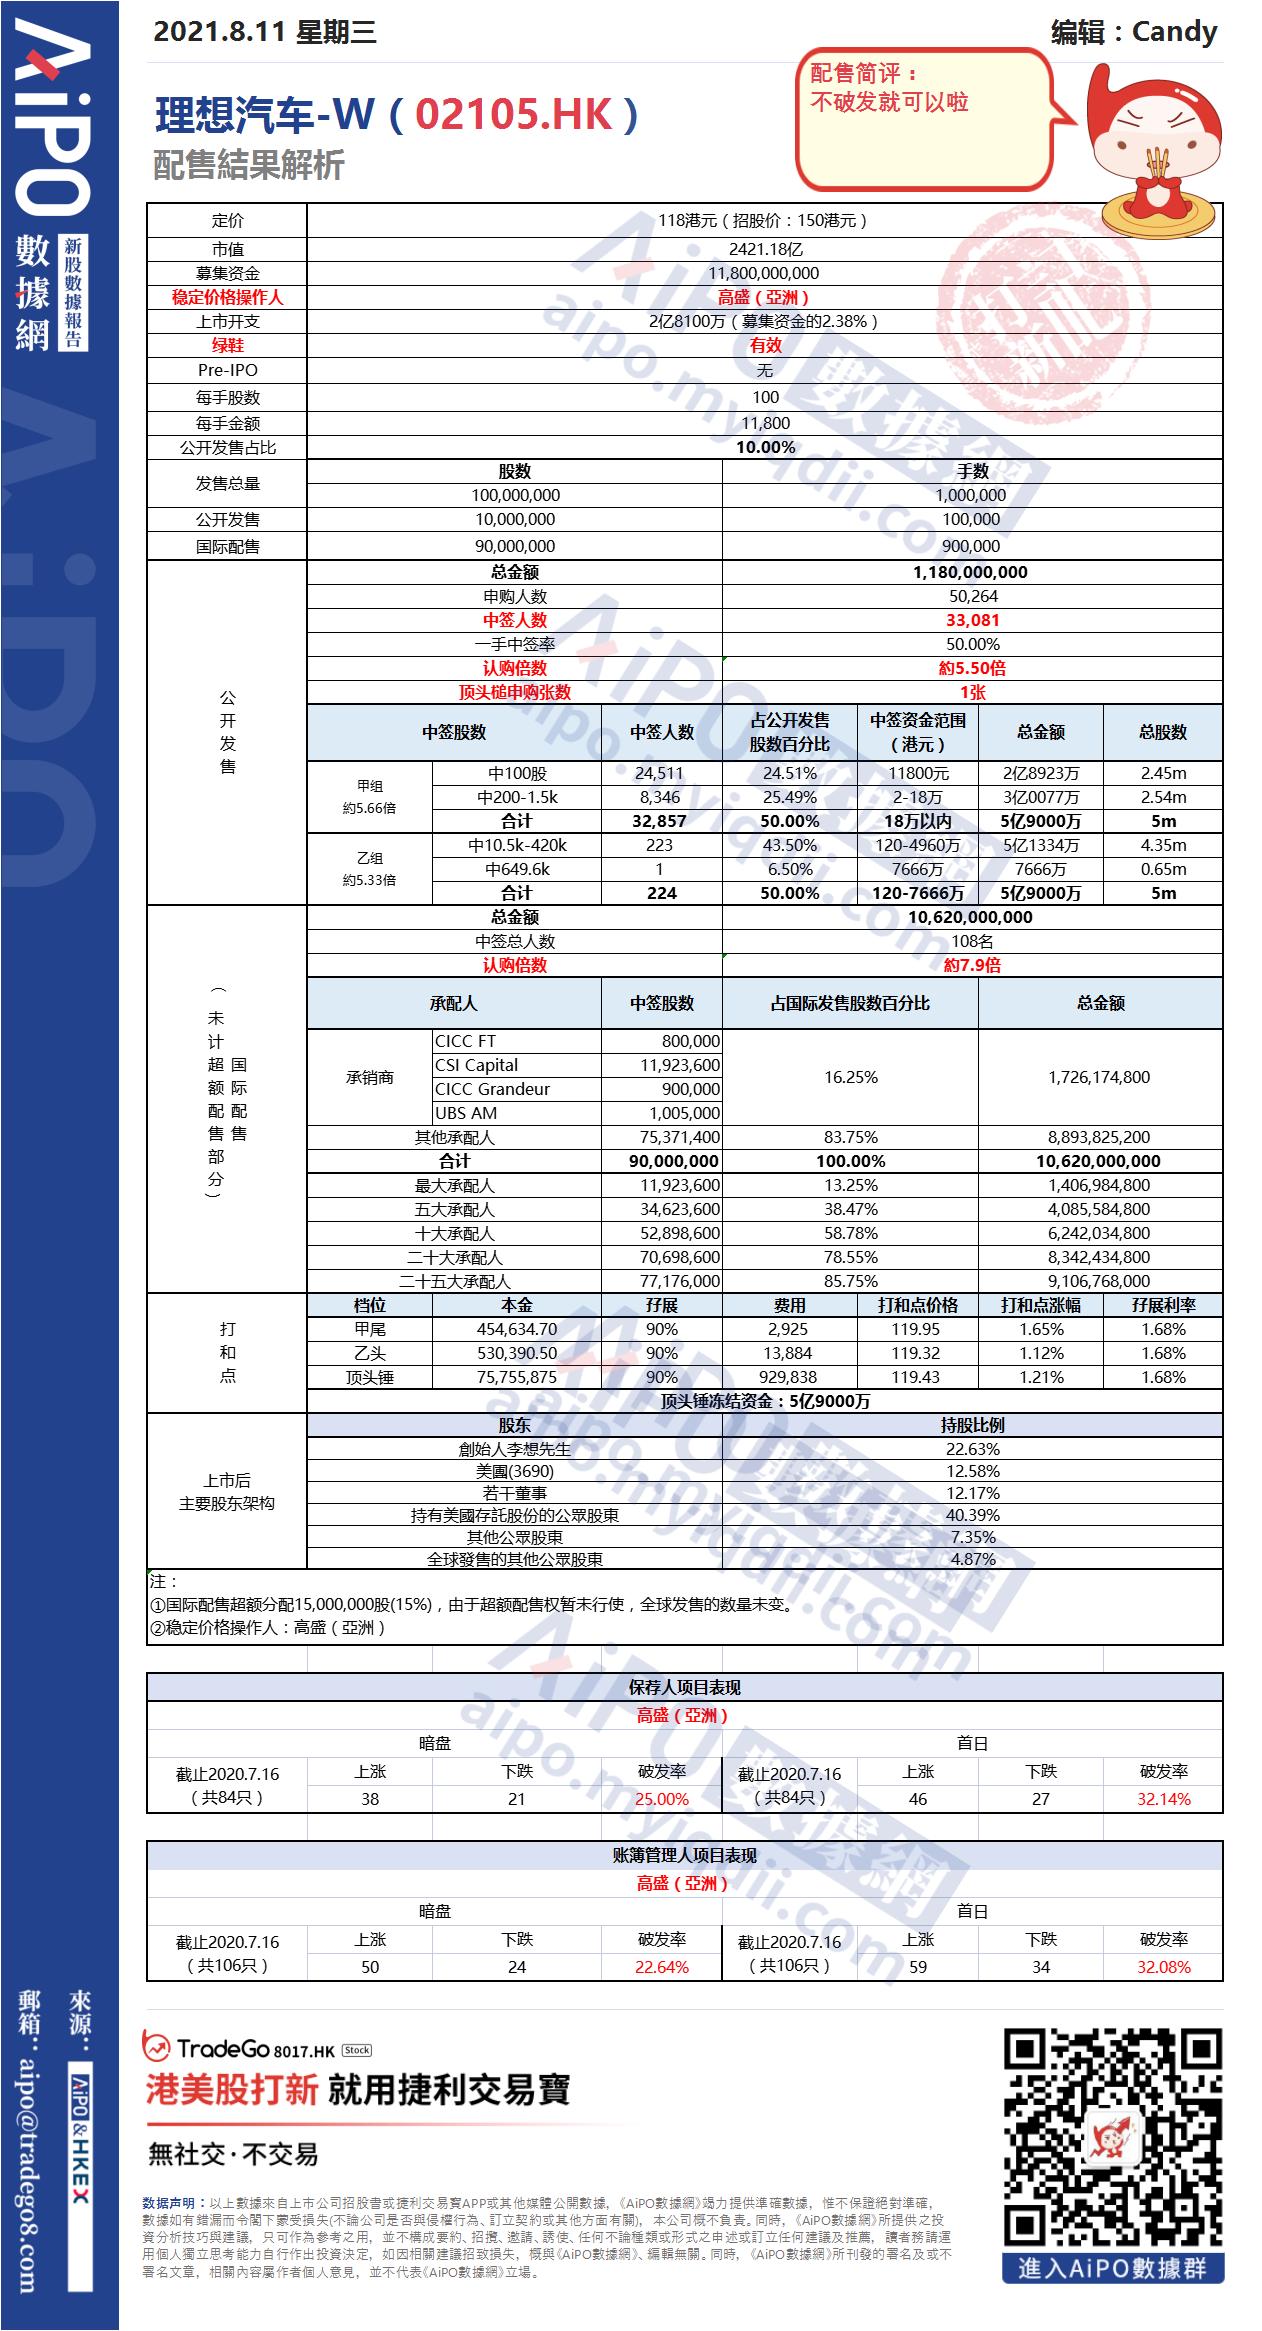 【新股AiPO】配售結果解析:理想汽車-W(02105.HK).png